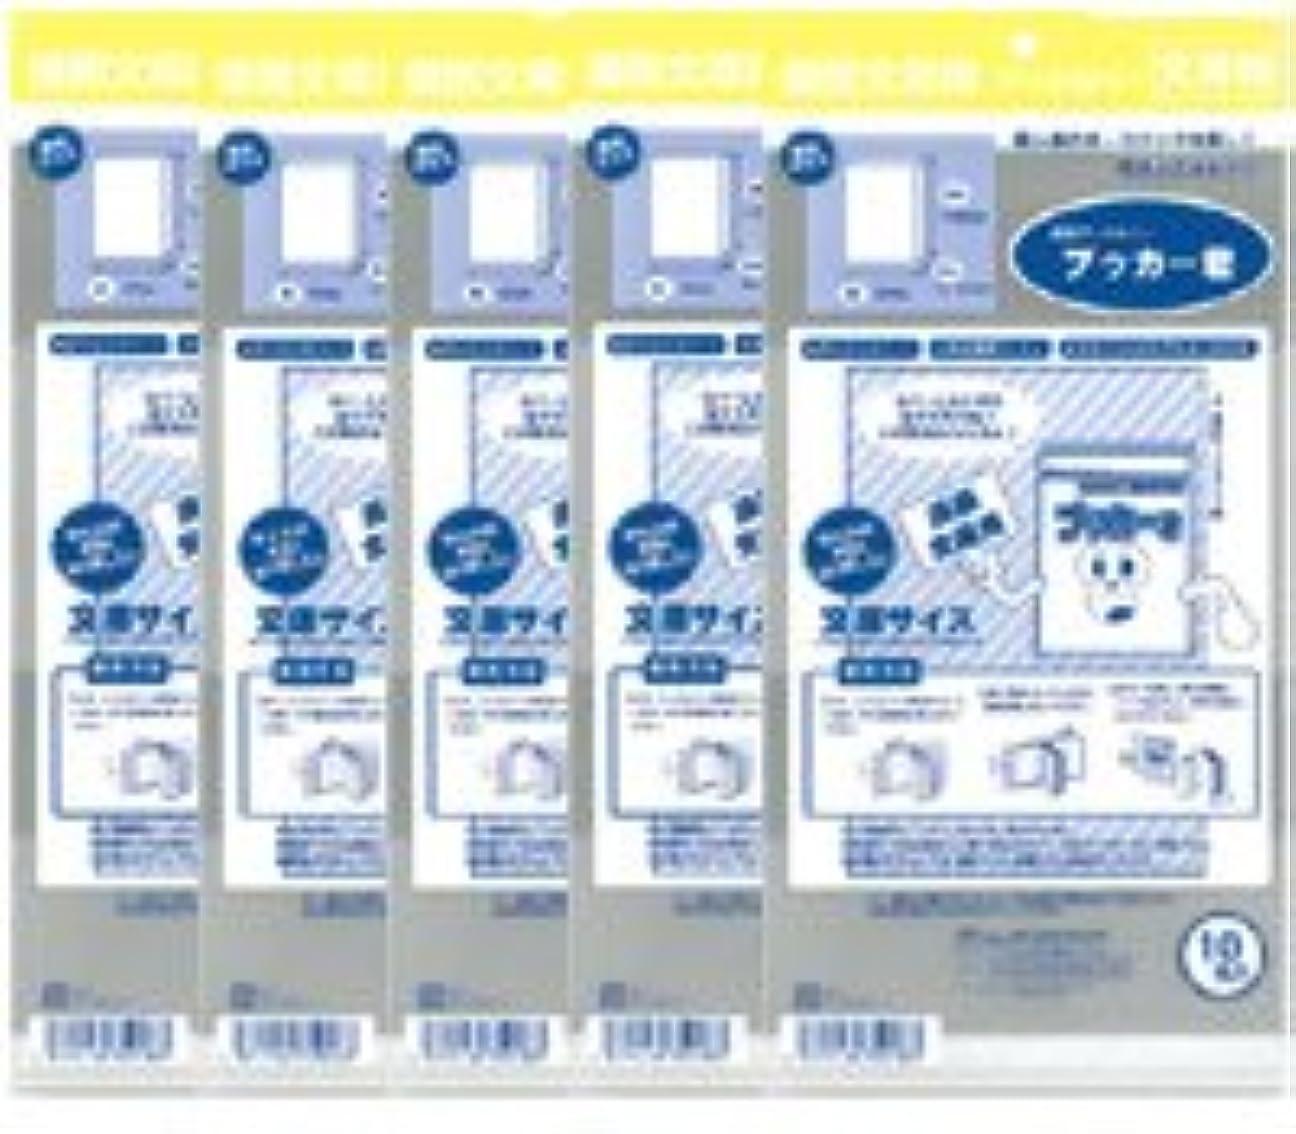 刈り取るポスト印象派テンポ【ブッカー君】文庫版サイズ 透明ブックカバー 5pack(1pack:10枚入り)